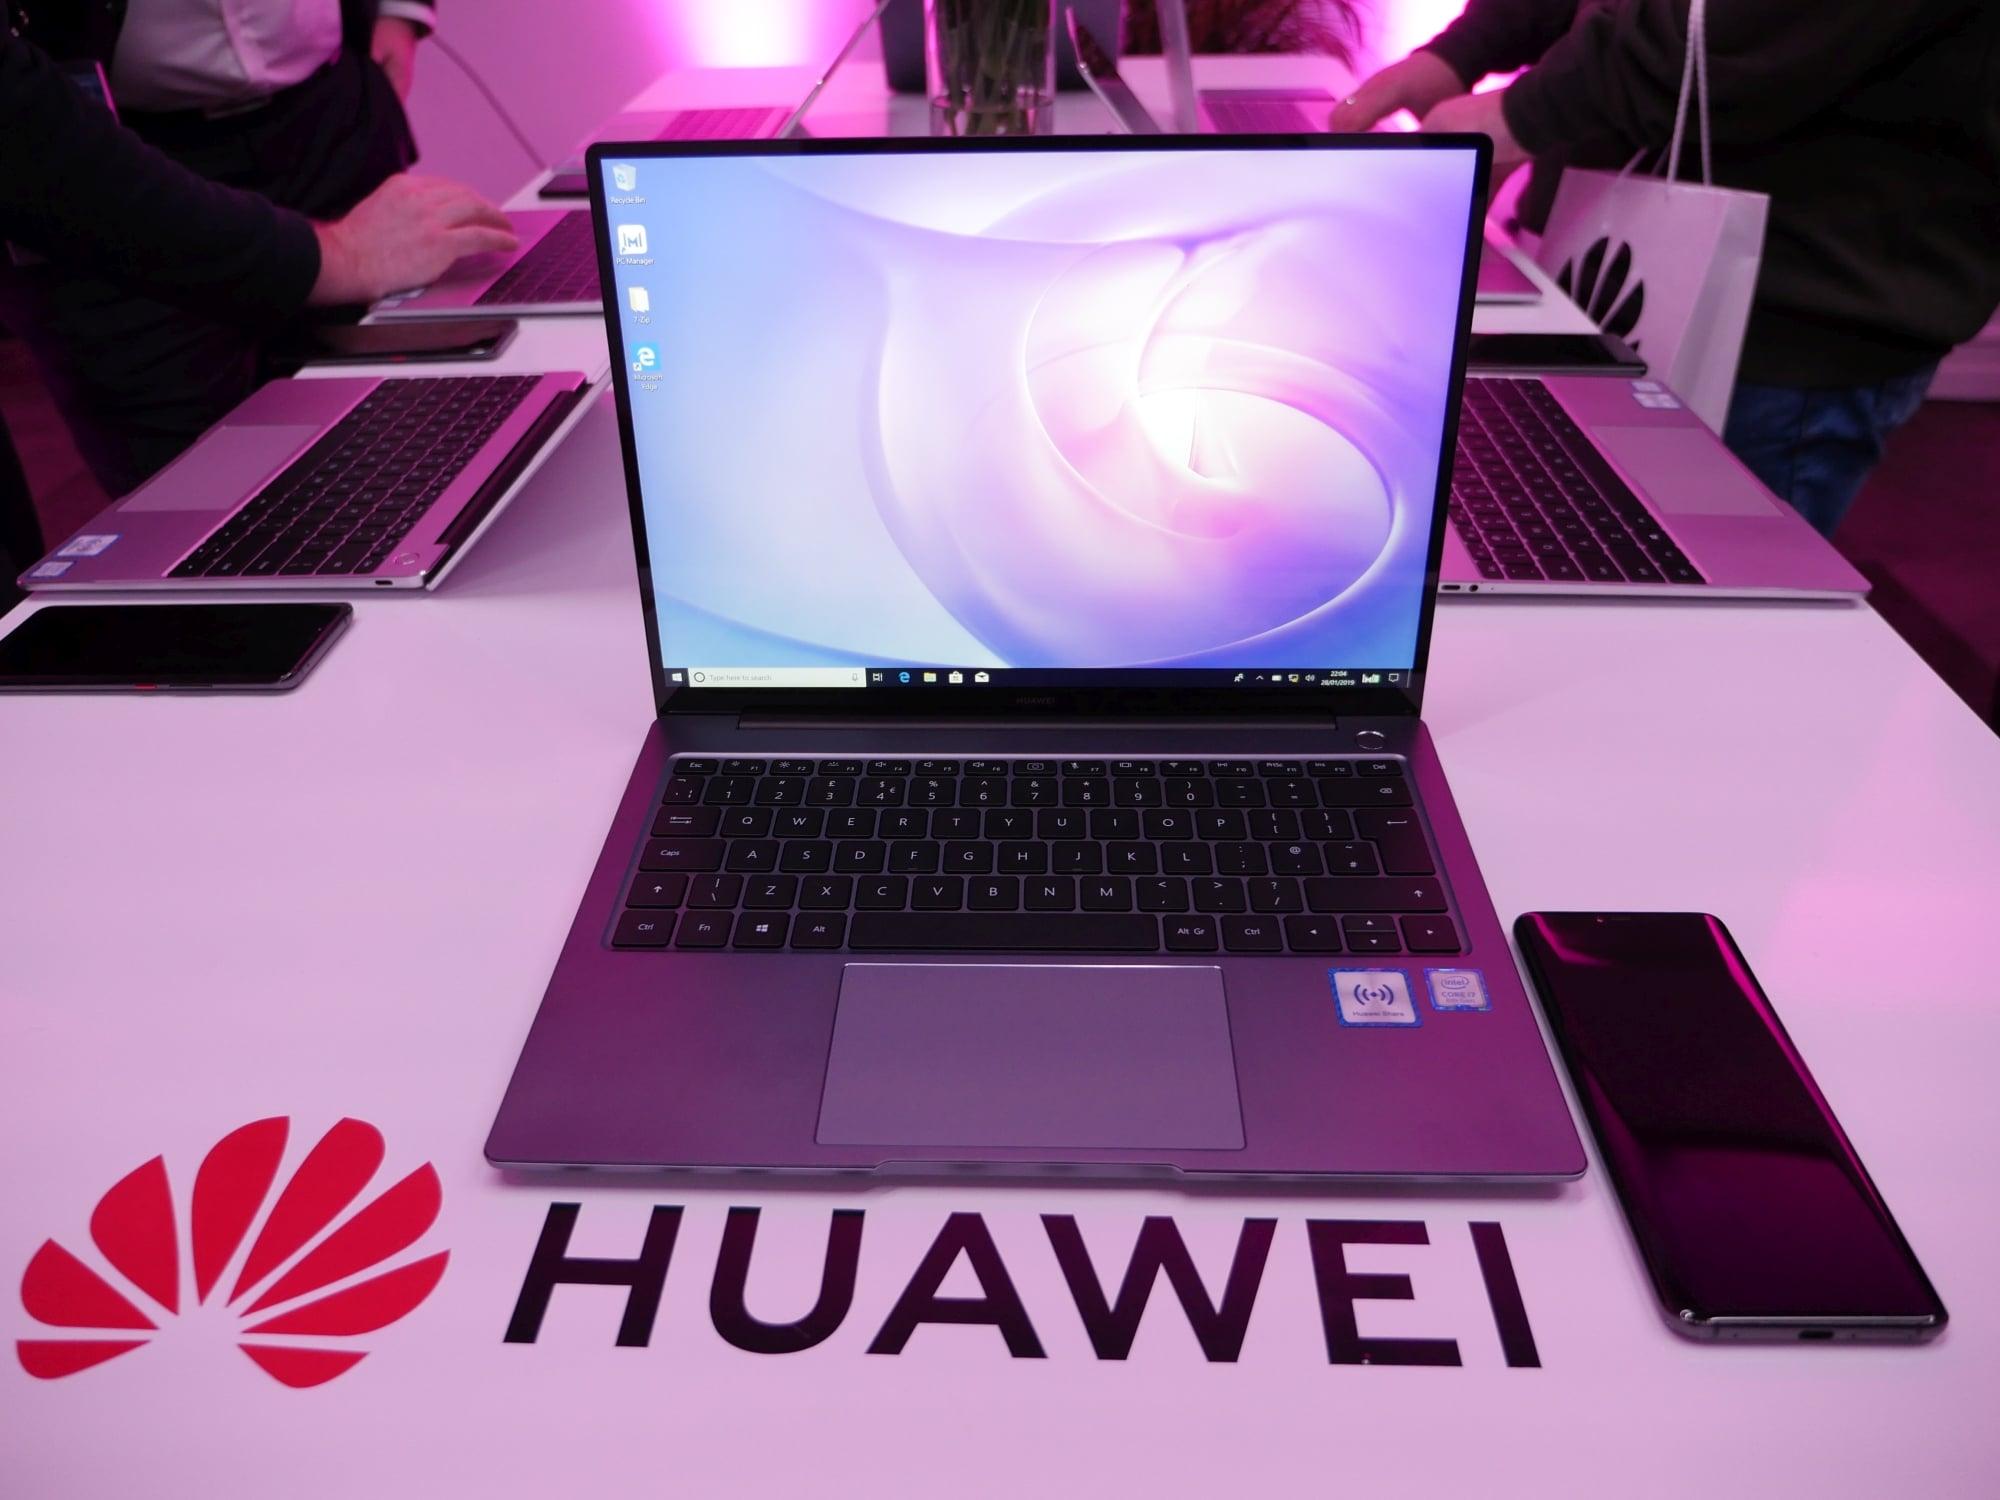 Huawei pokazał trzy ciekawe laptopy, a mnie bardziej od nich interesuje samo oprogramowanie 45